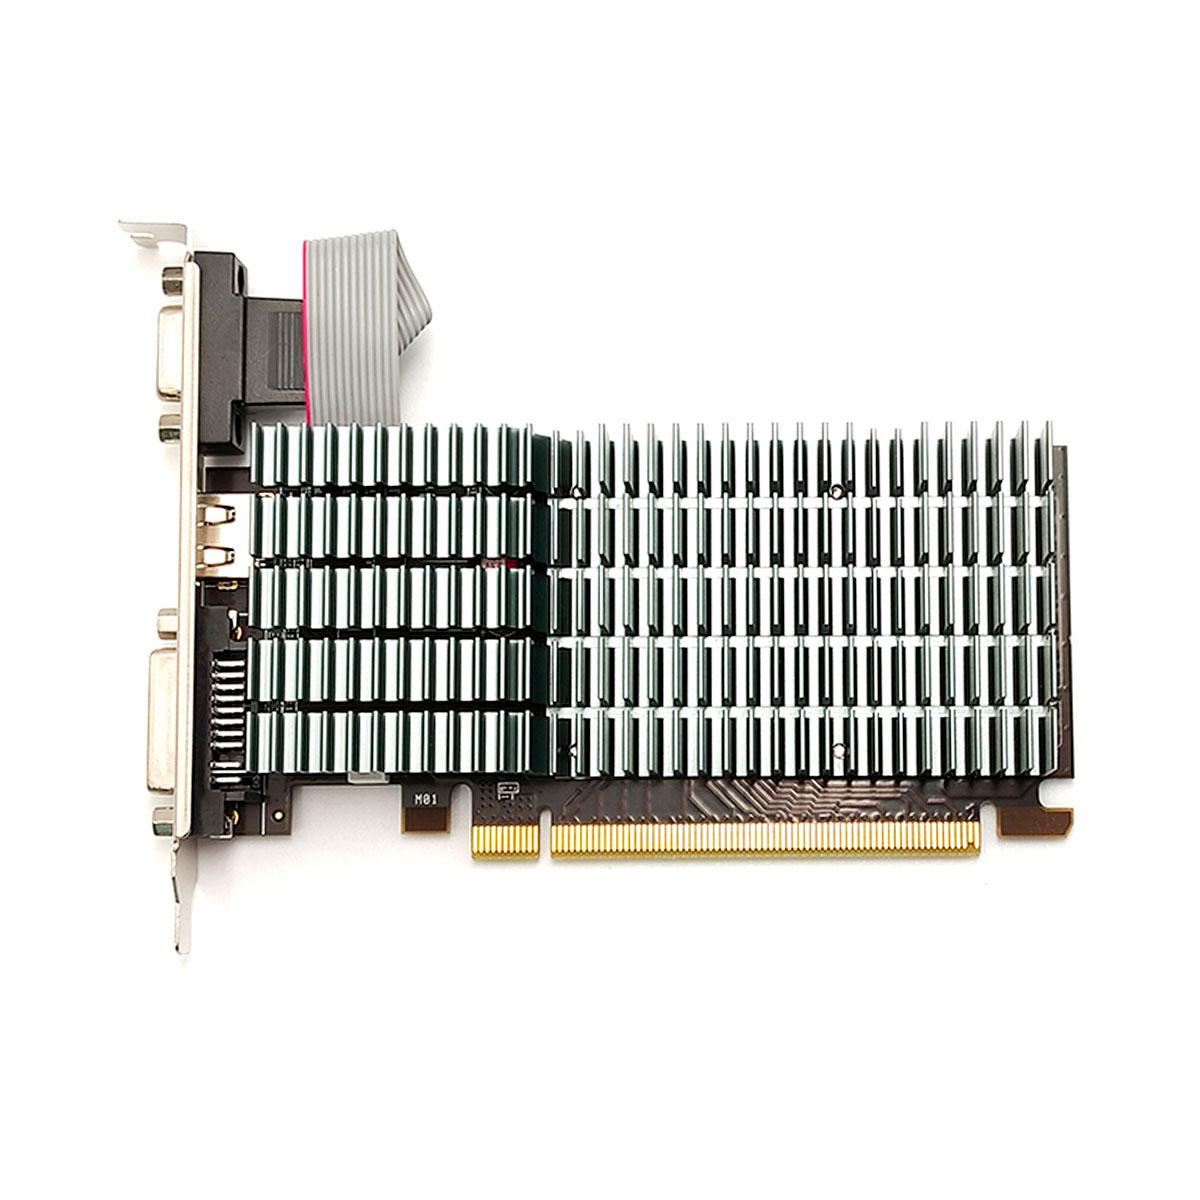 Placa de Vídeo AFOX Radeon R5 220 2GB DDR3, 64 Bits, Low Profile, HDMI/DVI/VGA - AFR5220-2048D3L5-V2